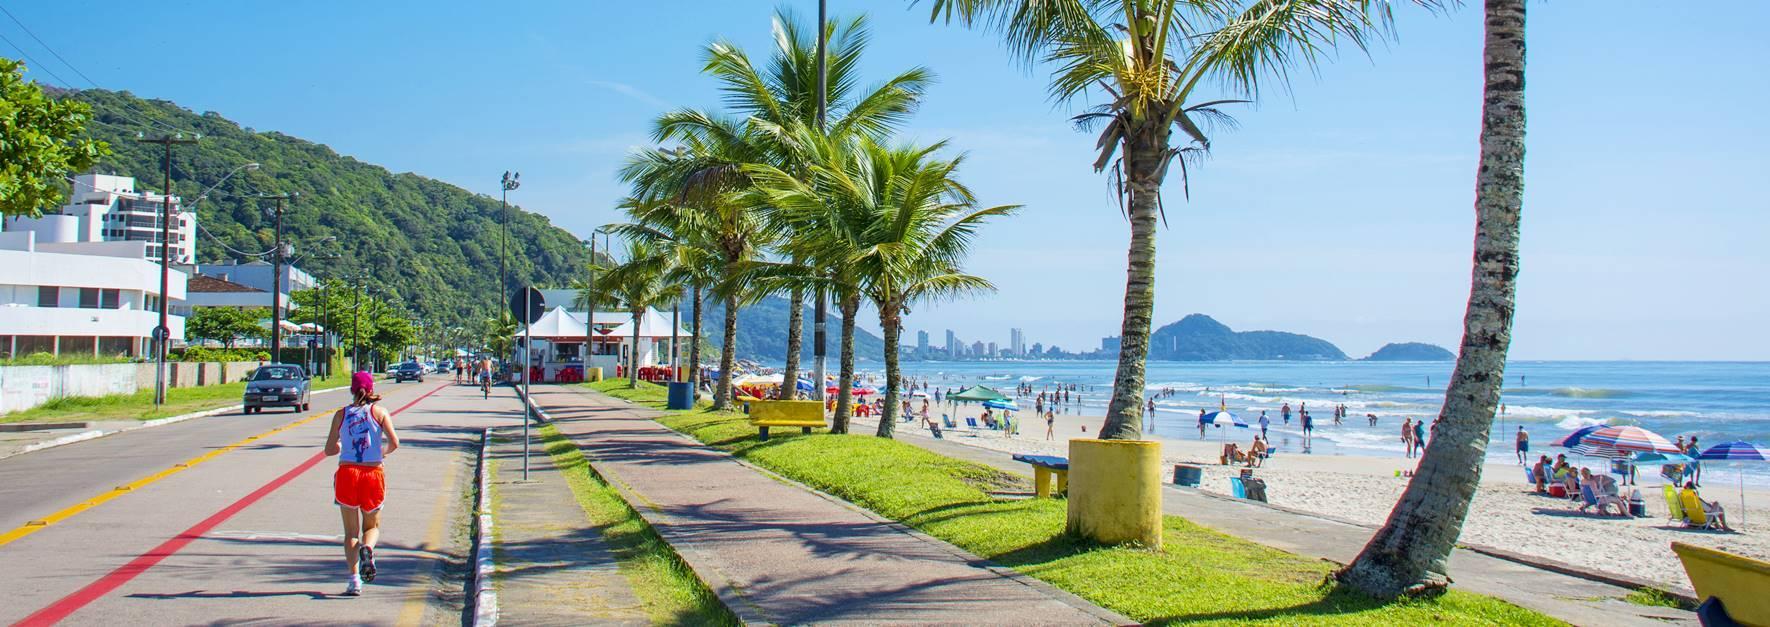 Guaratuba Paraná fonte: www.redesulhospedagens.com.br